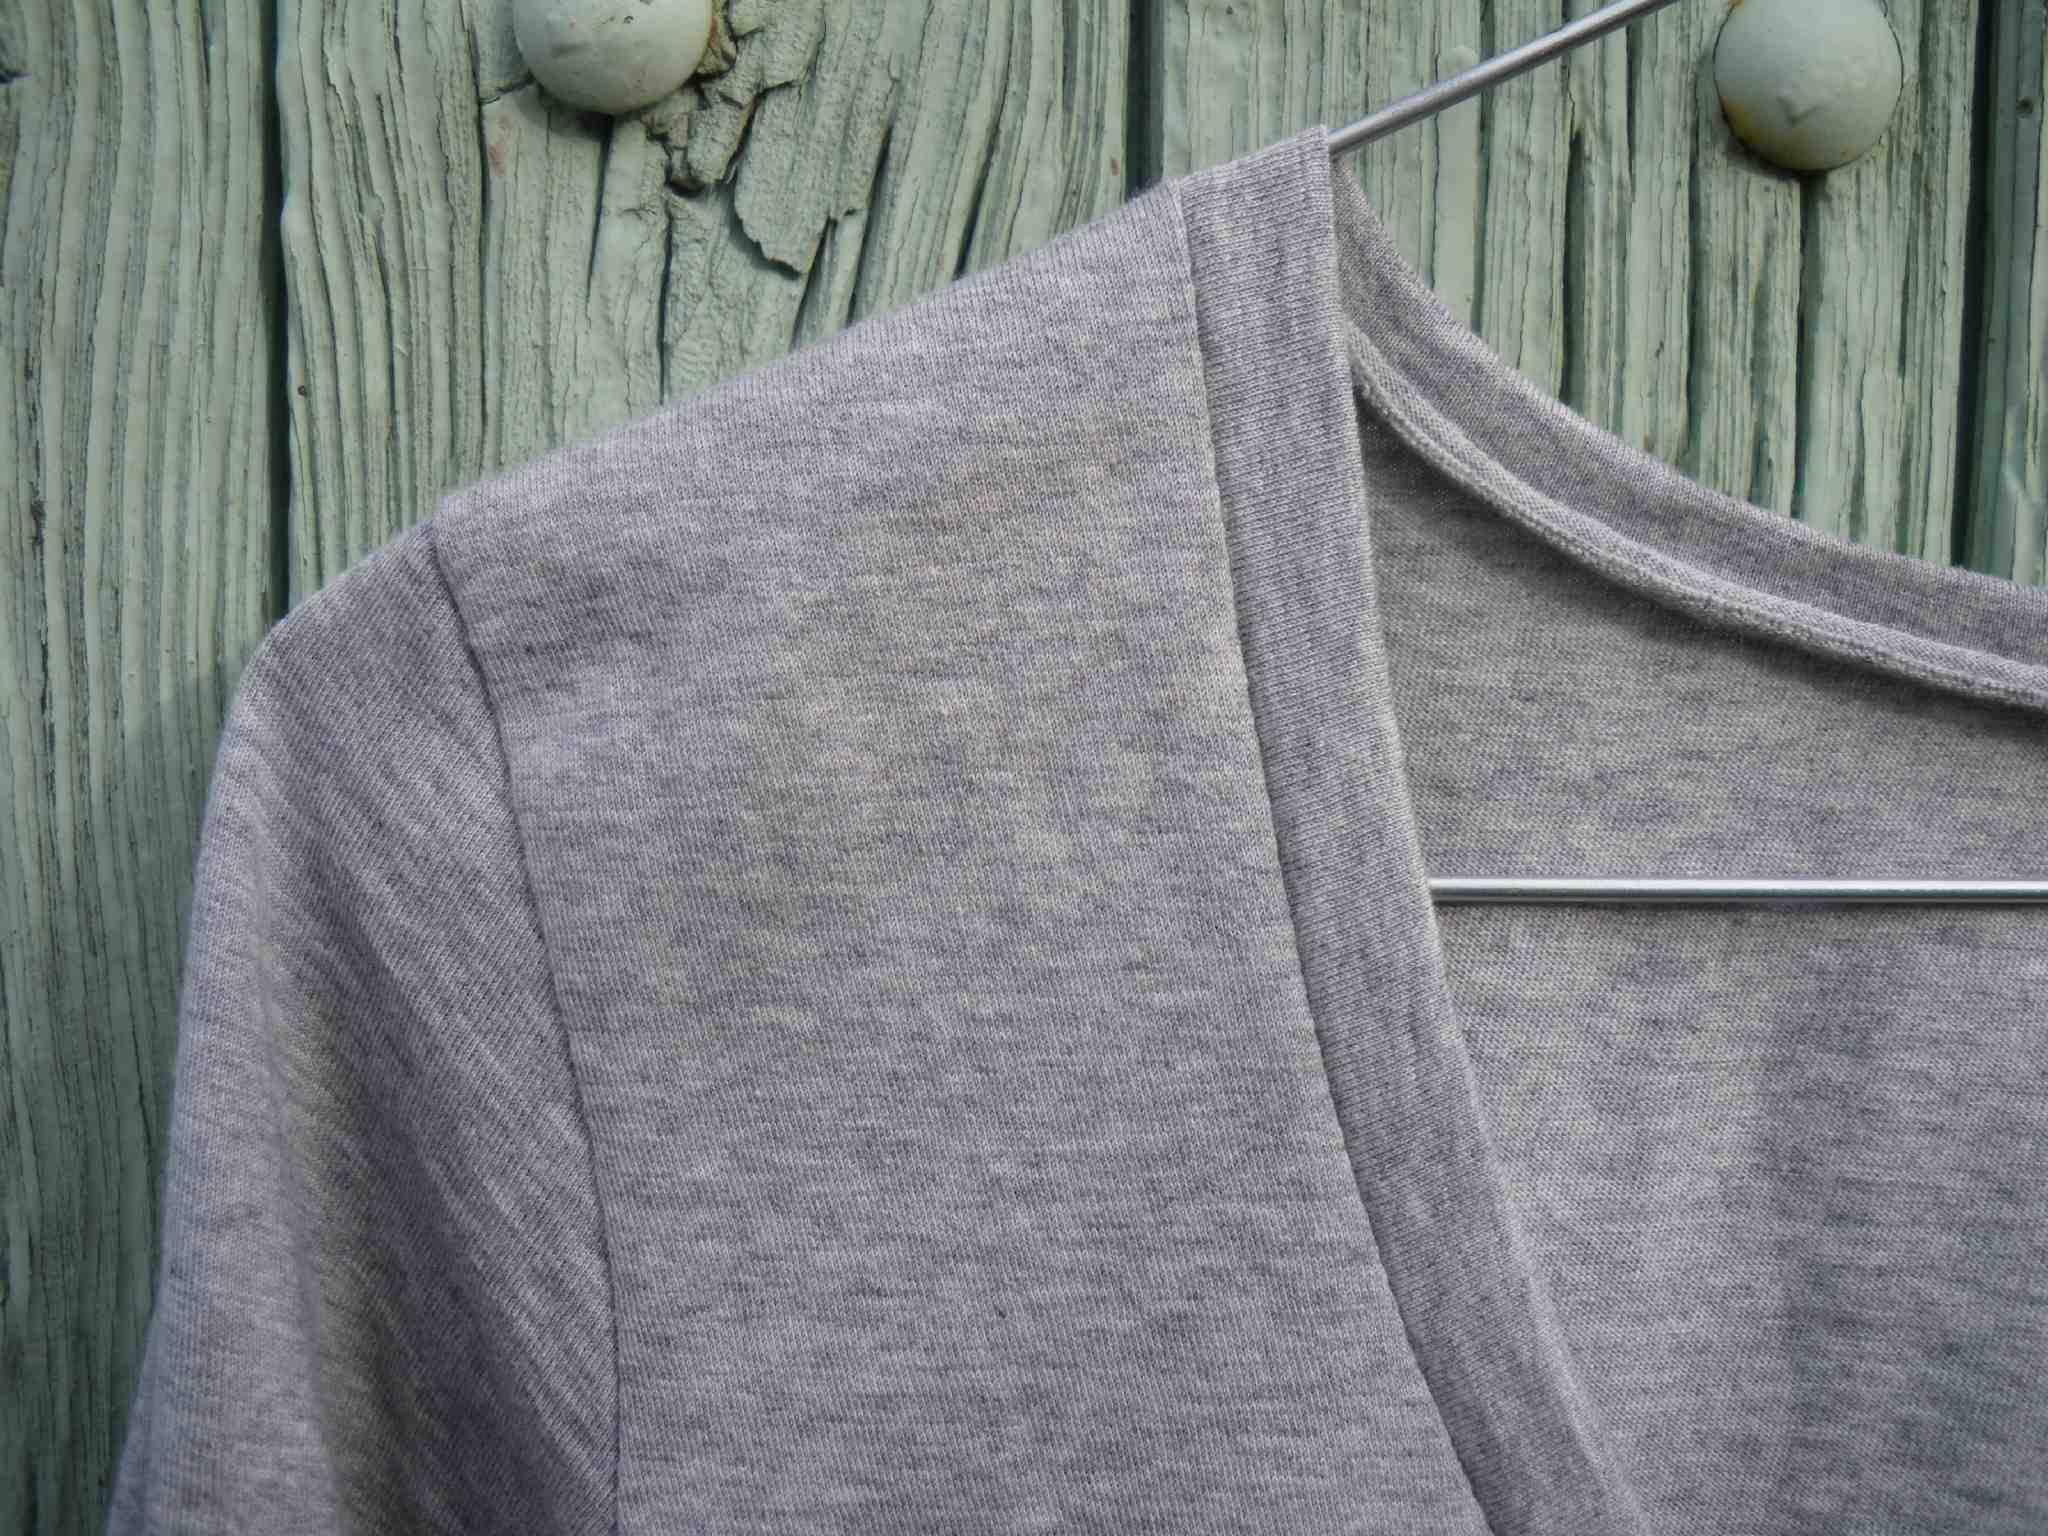 Comment éviter que le tissu ne se détache?